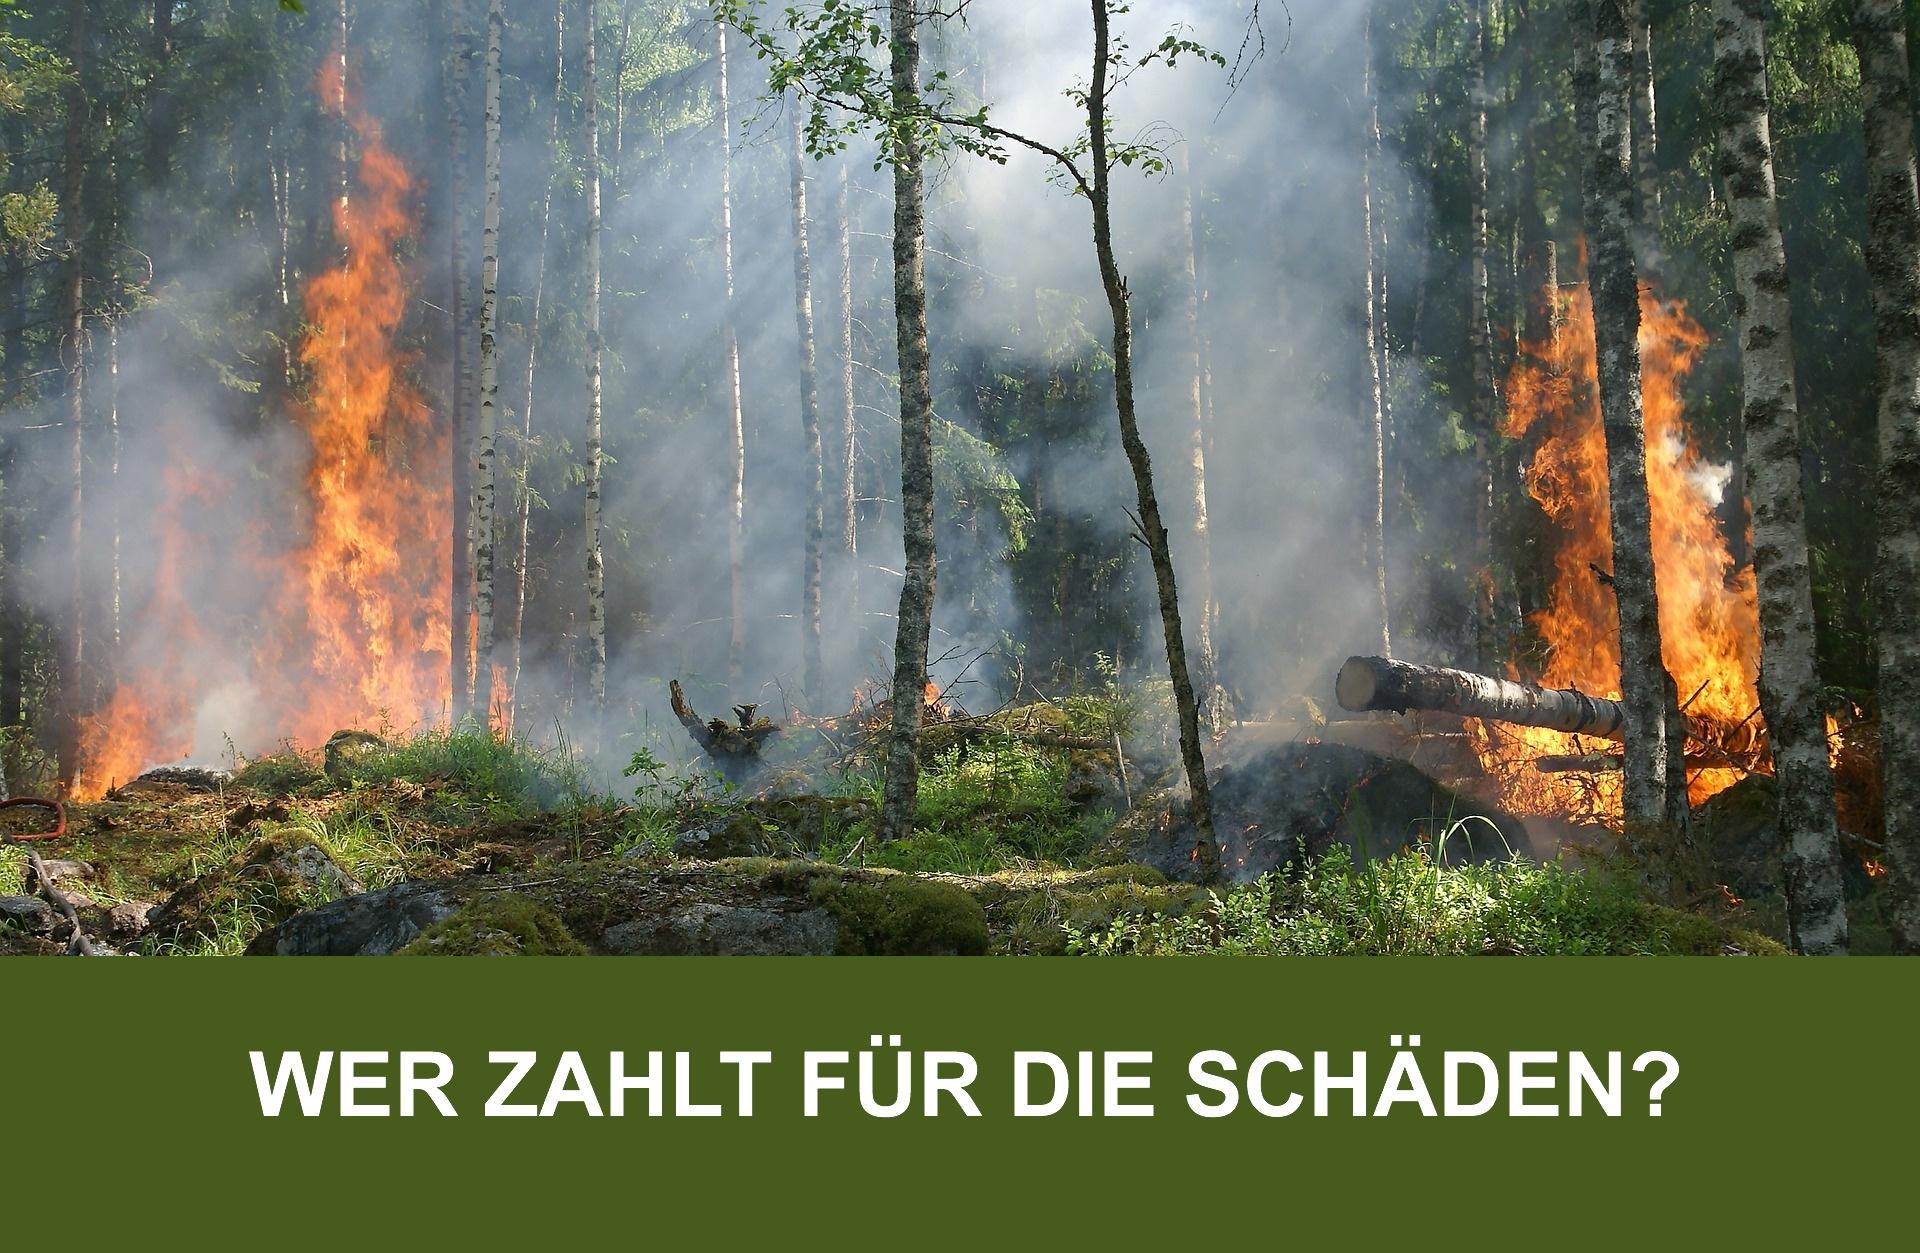 Wer zahlt für Schäden bei Waldbrand?